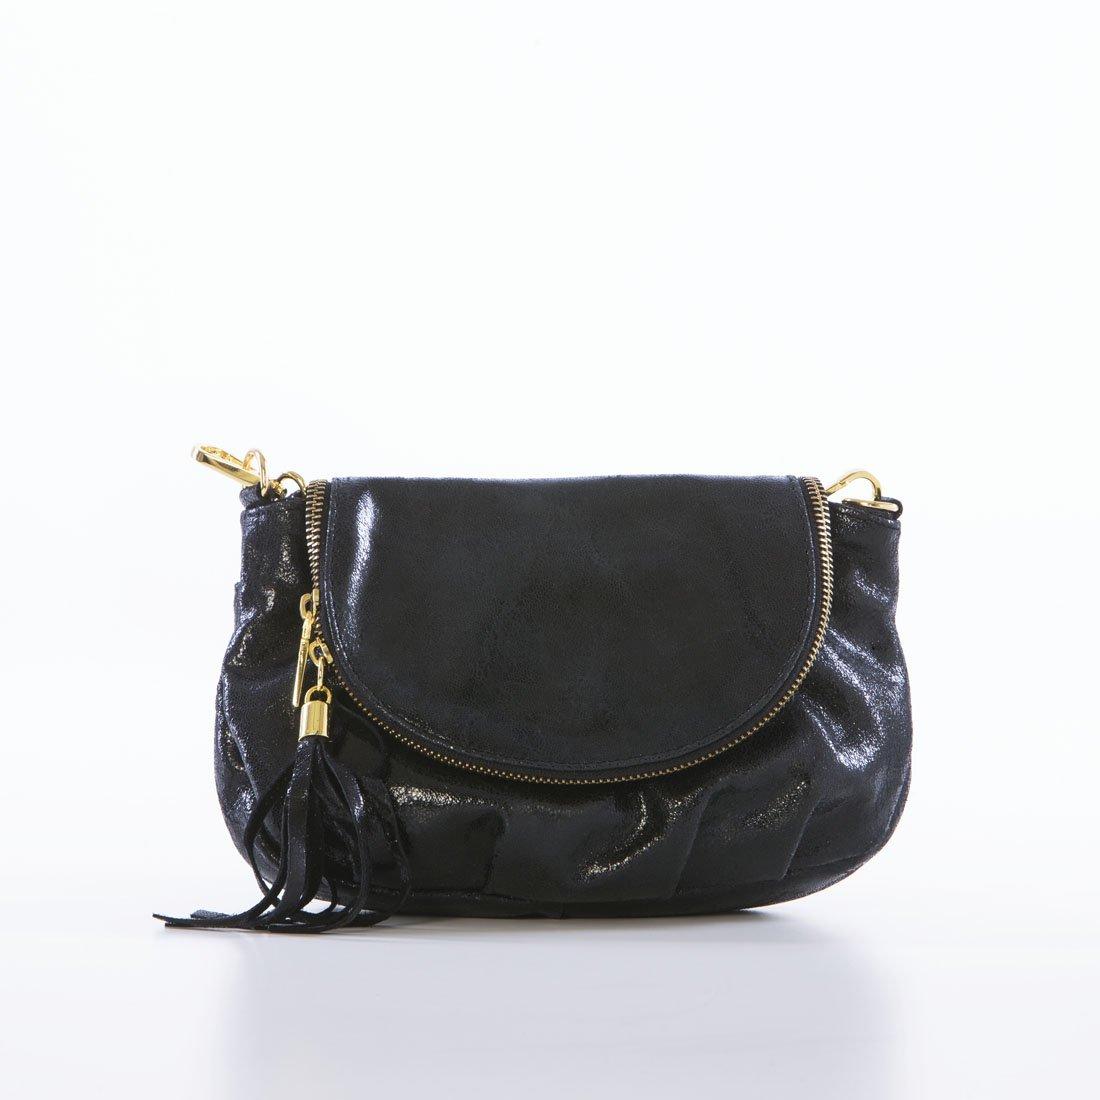 Mia Tomazzi WBMT180619-Black (10) - ACCESSOIRE PETITE MAROQUINERIE - 159EUR  - Produit en Italie  Amazon.fr  Chaussures et Sacs 6f1a17706db